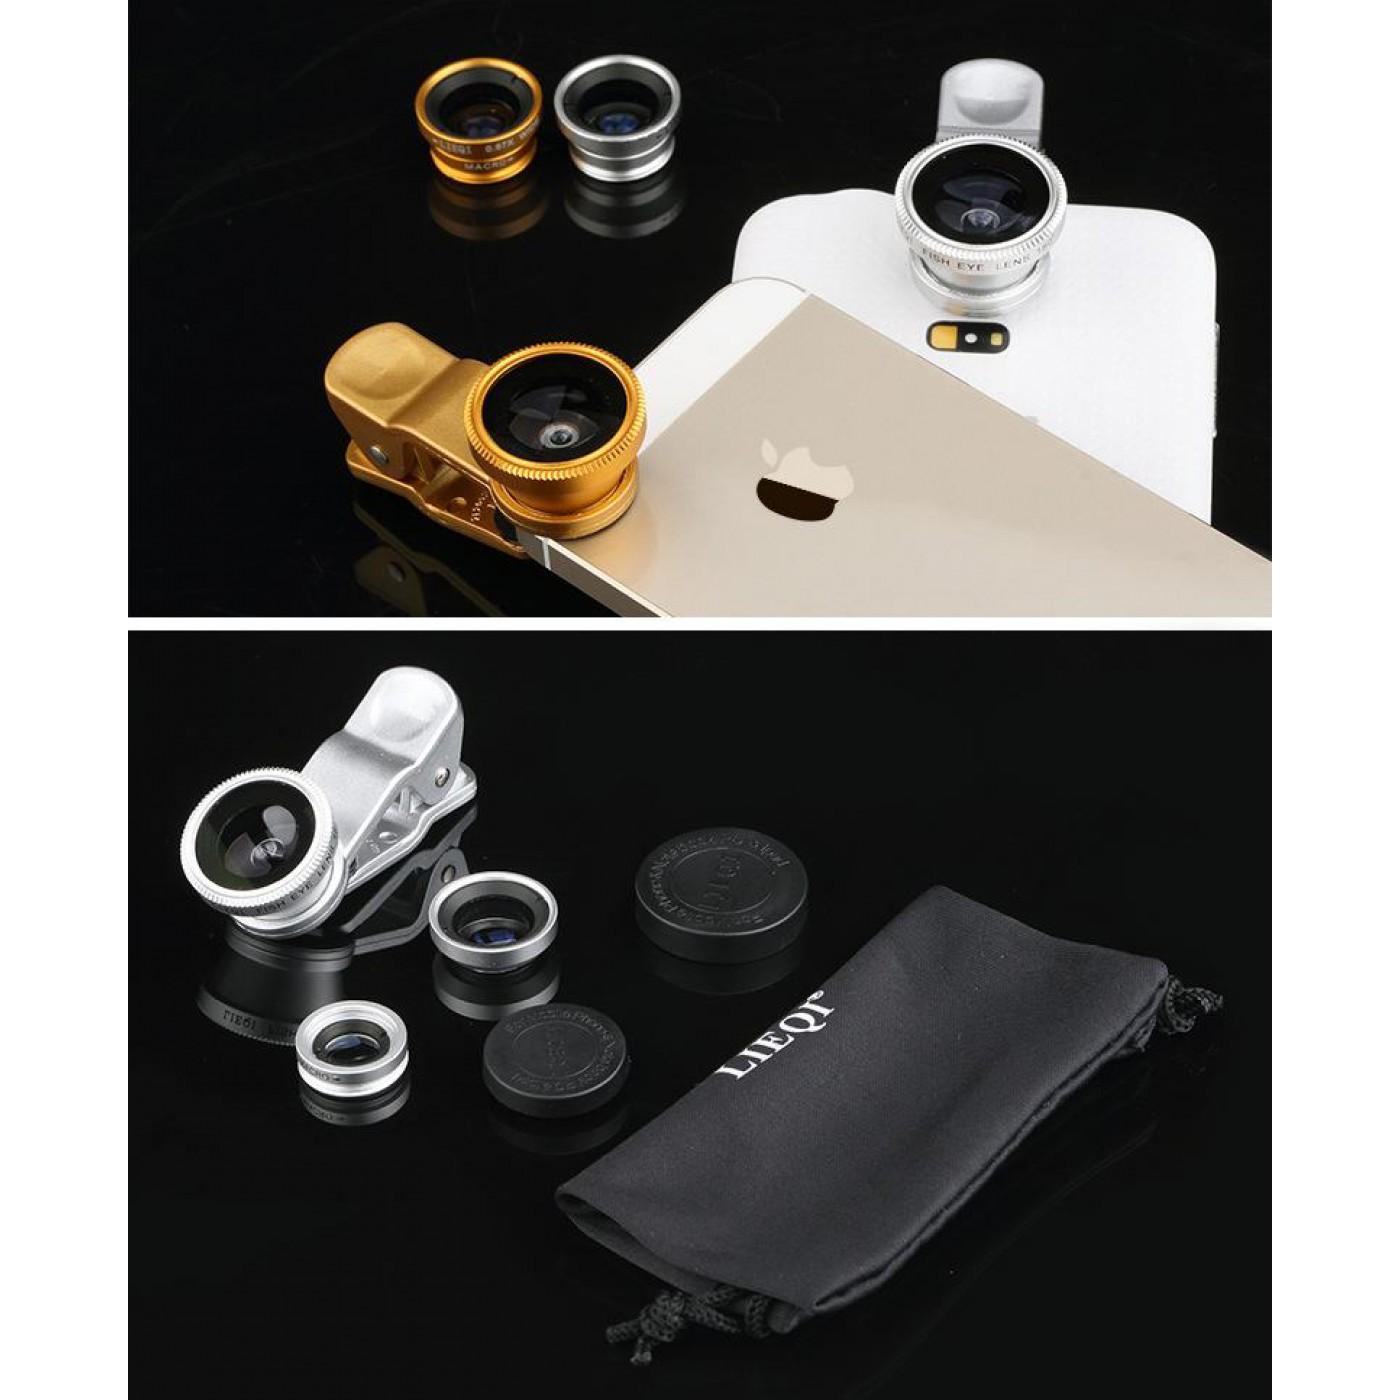 objektiv f r smartphone mit universalclip 3 en 1. Black Bedroom Furniture Sets. Home Design Ideas